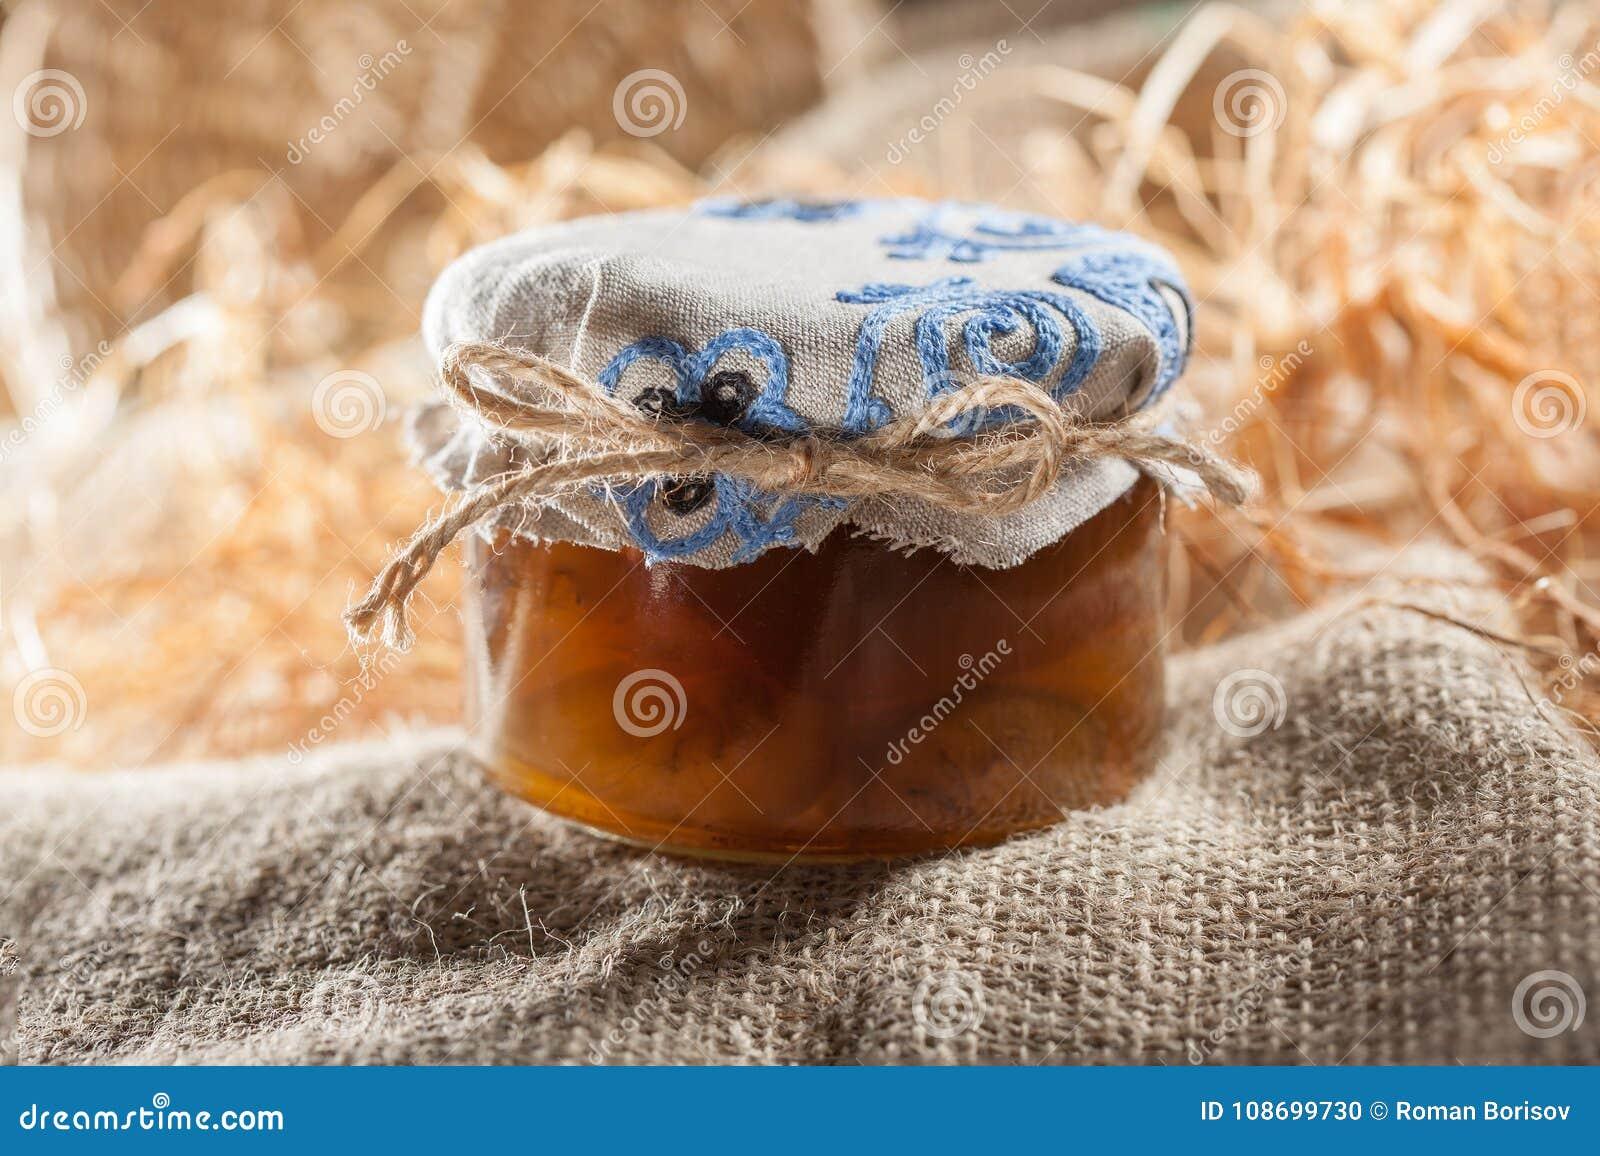 Smakowity dżem w szkle zgrzyta z kasztanami w sianie Sezonowy karmowy temat 1 życie wciąż